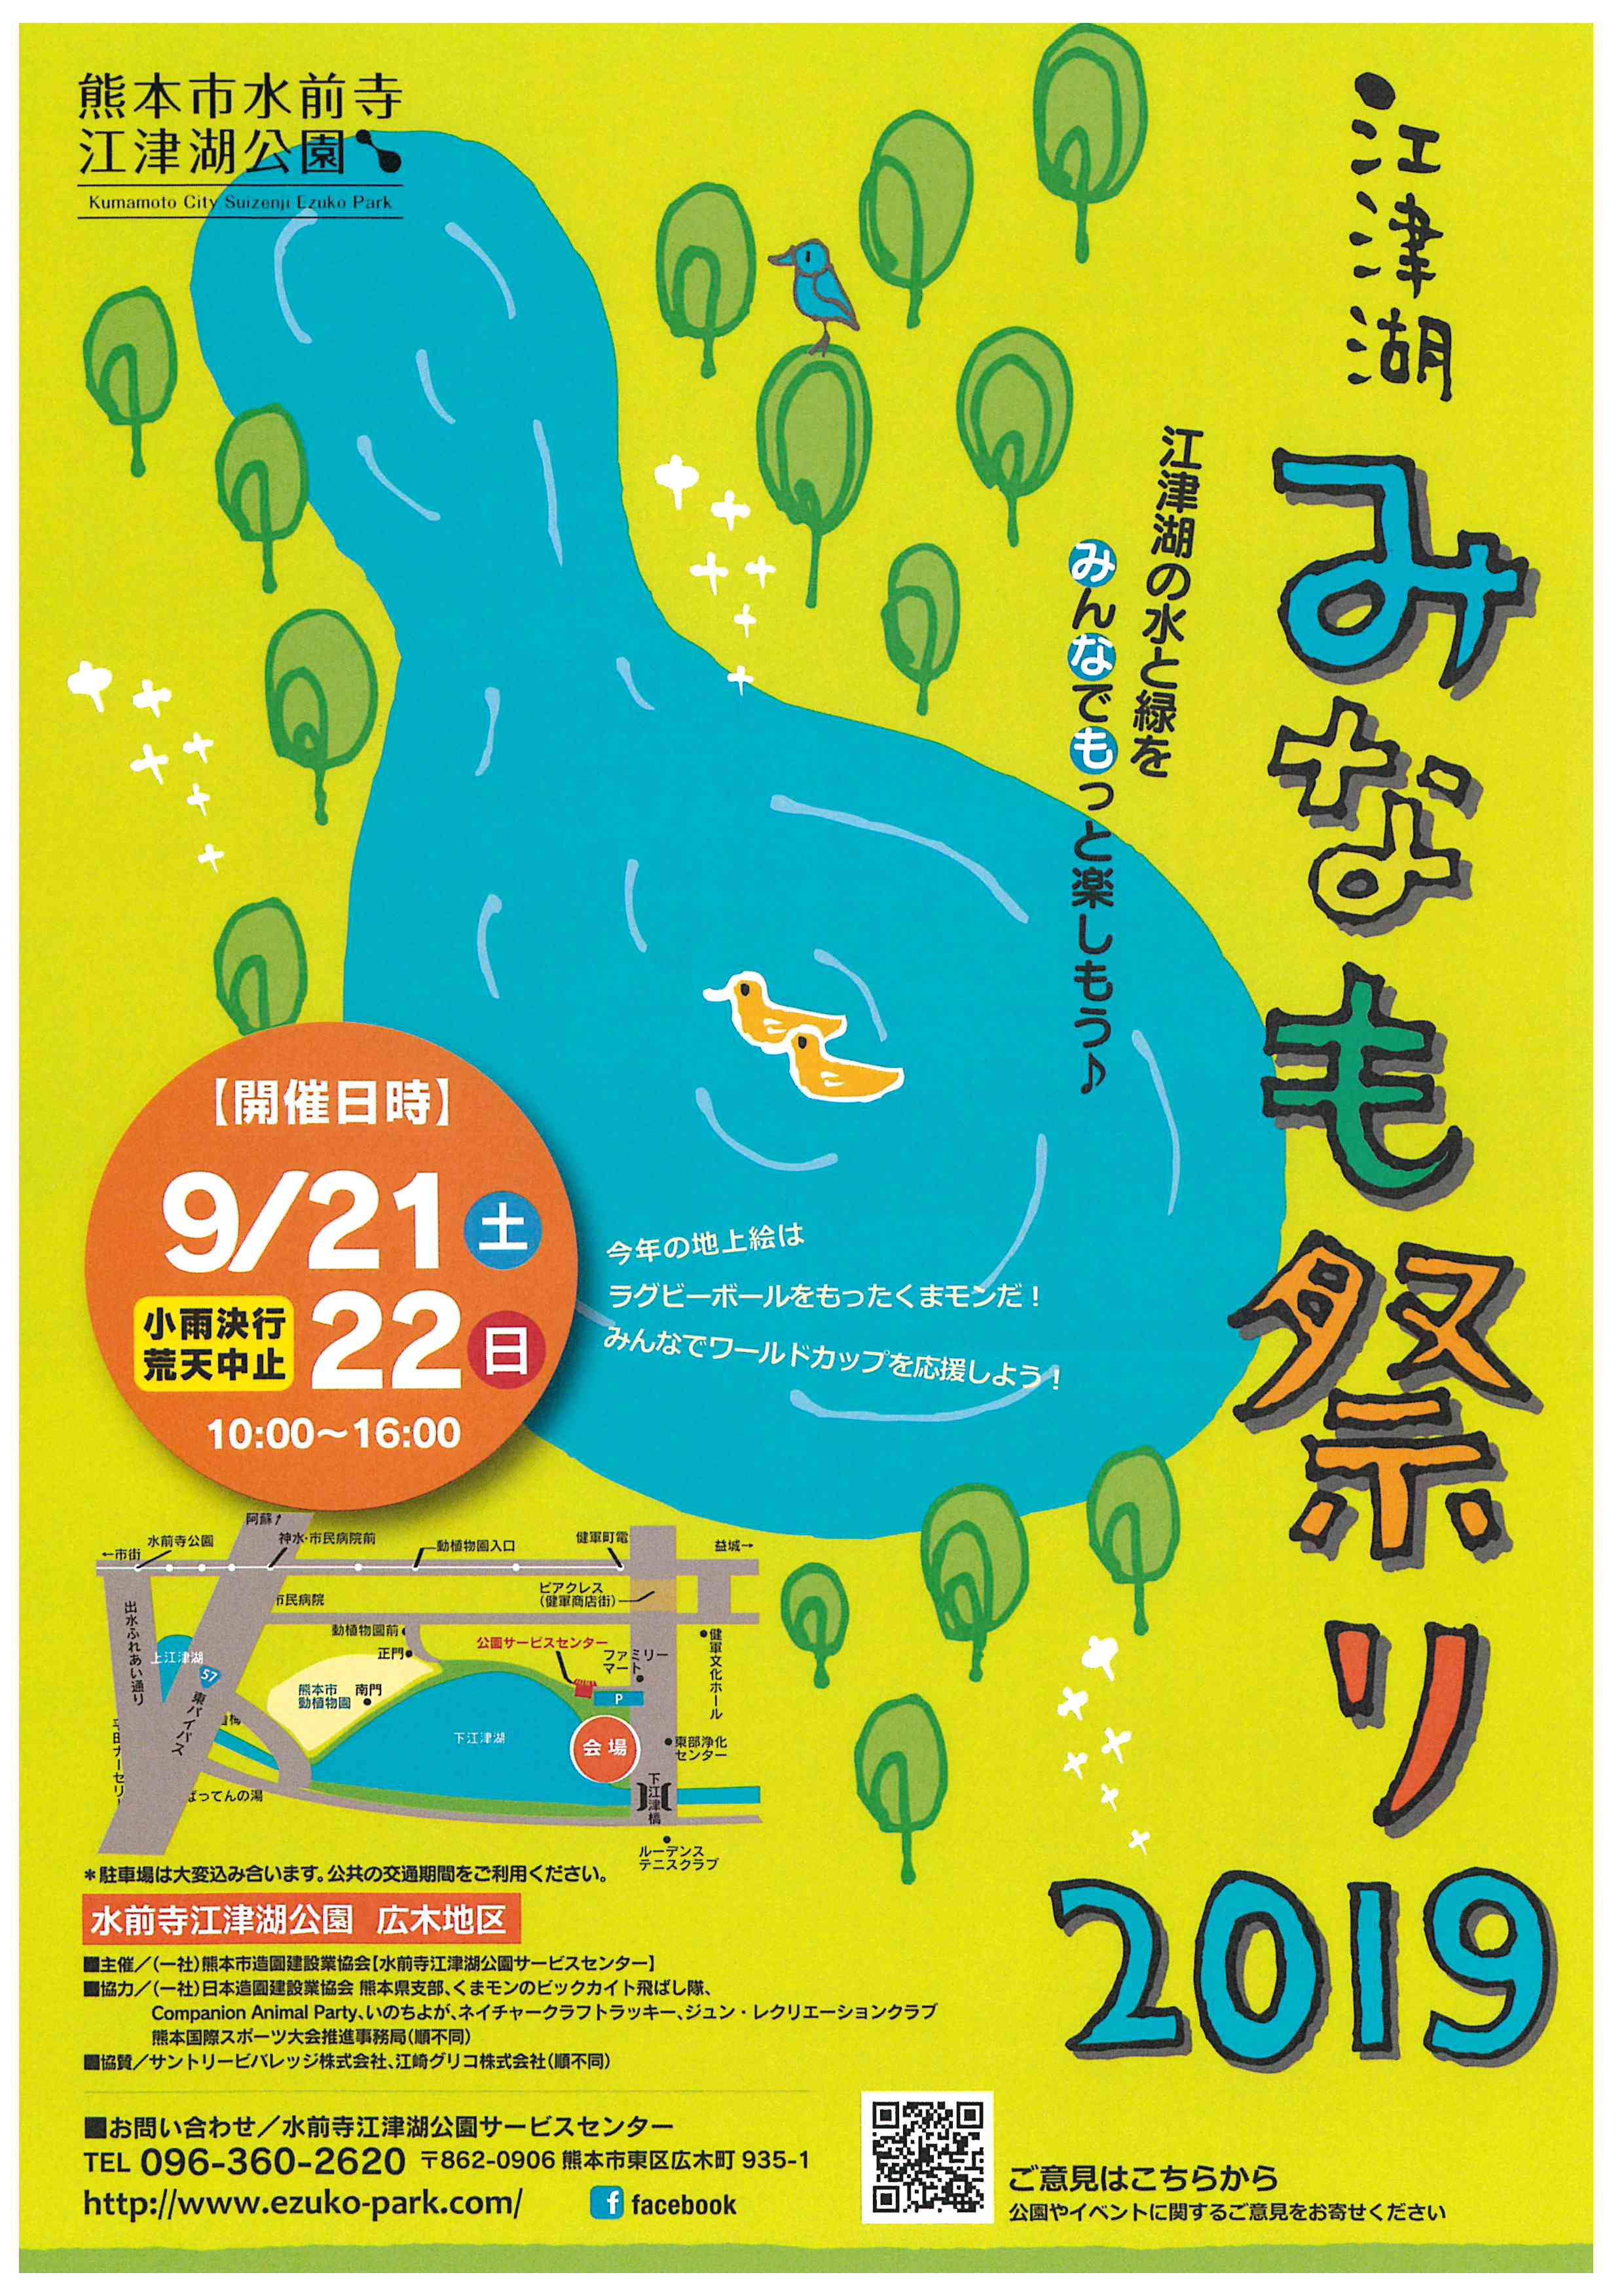 【9/21(土)、22(日)】「江津湖みなも祭り2019」開催のお知らせ